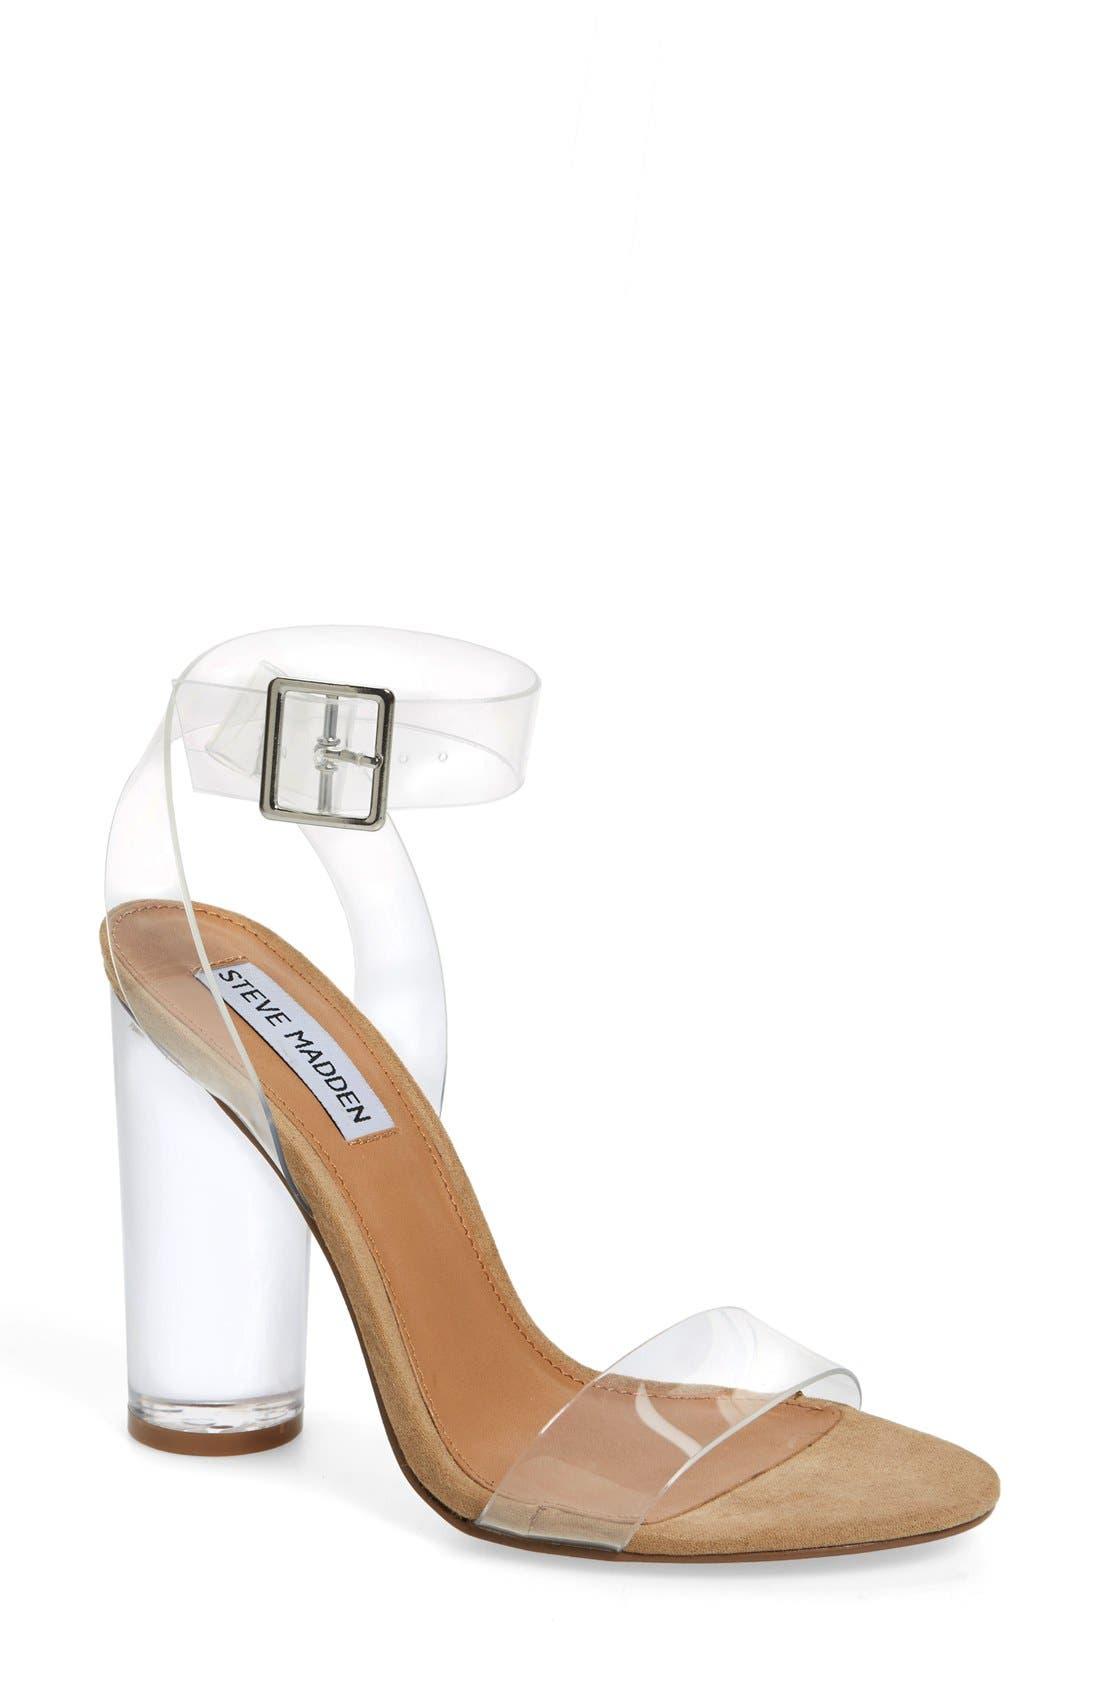 Alternate Image 1 Selected - Steve Madden Clearer Column Heel Sandal (Women)